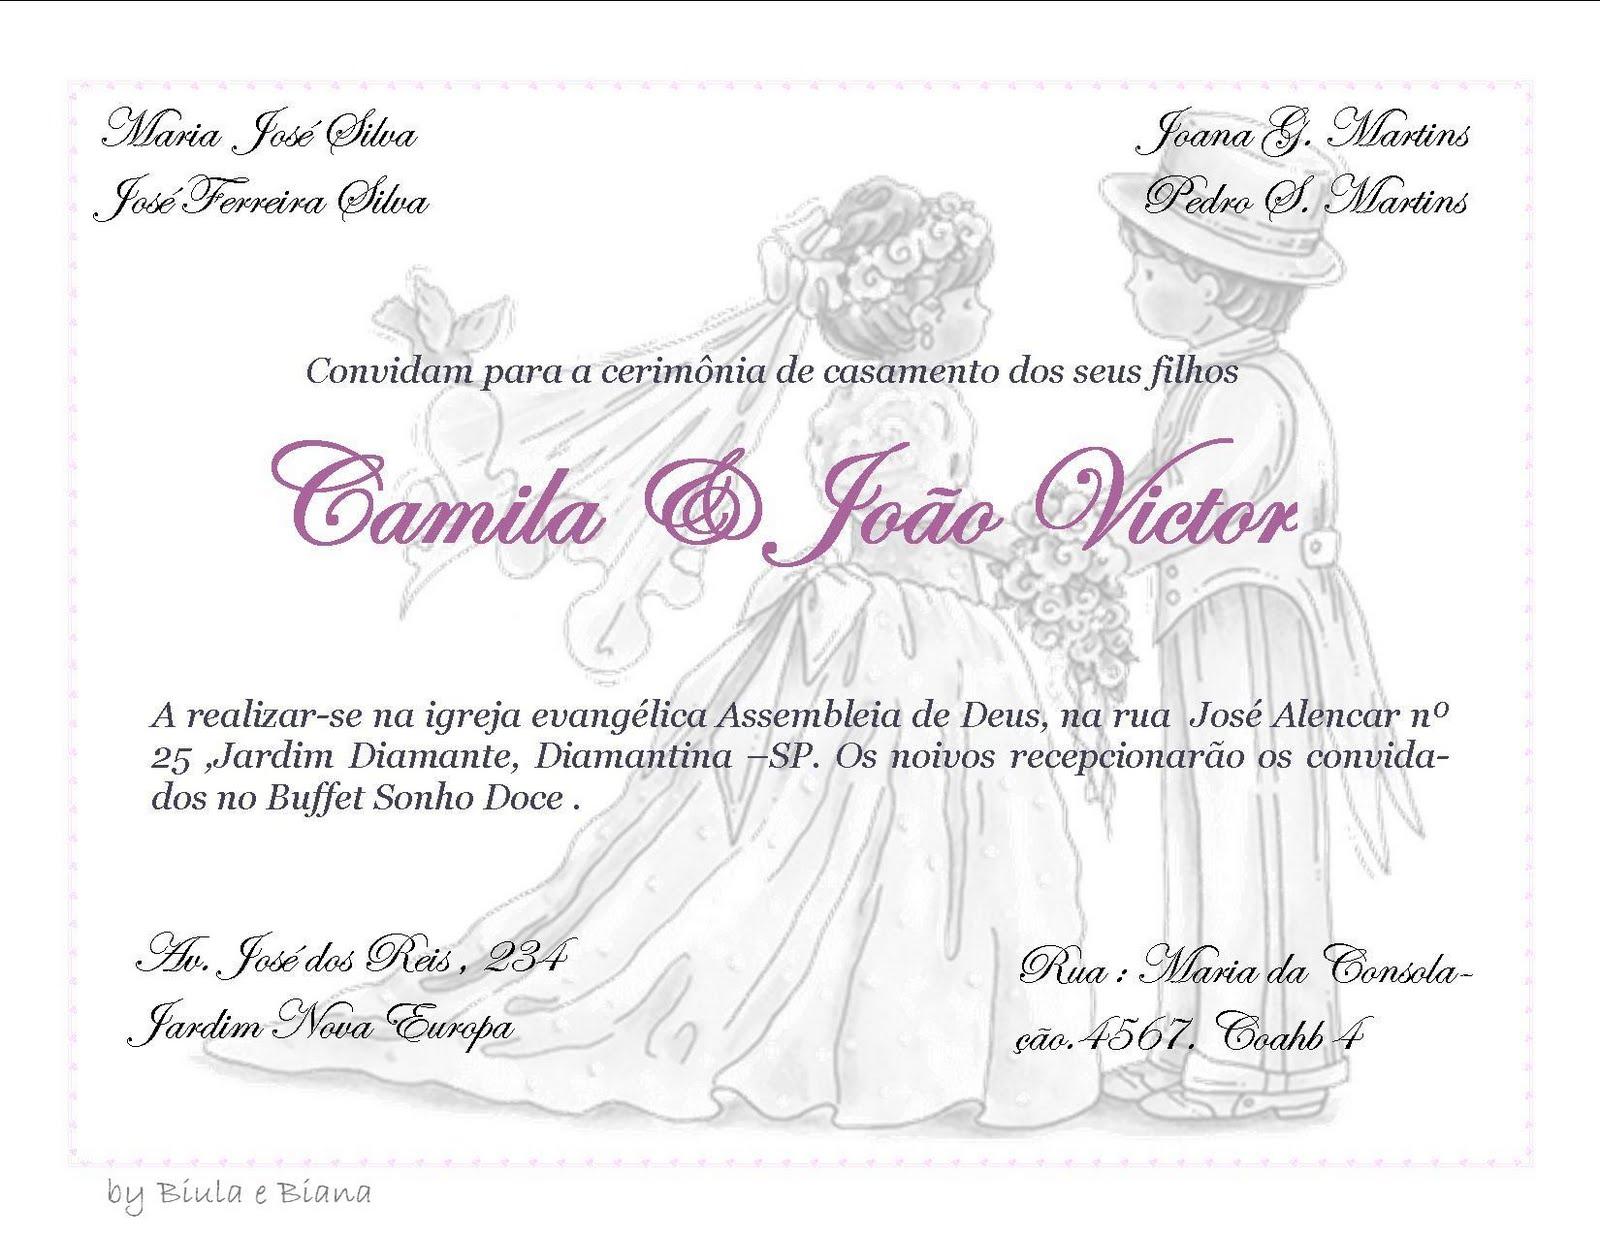 Frases Para Convite De Noivado Evangelico: SONHO DOCE ART: Modelo De Convite Casamento